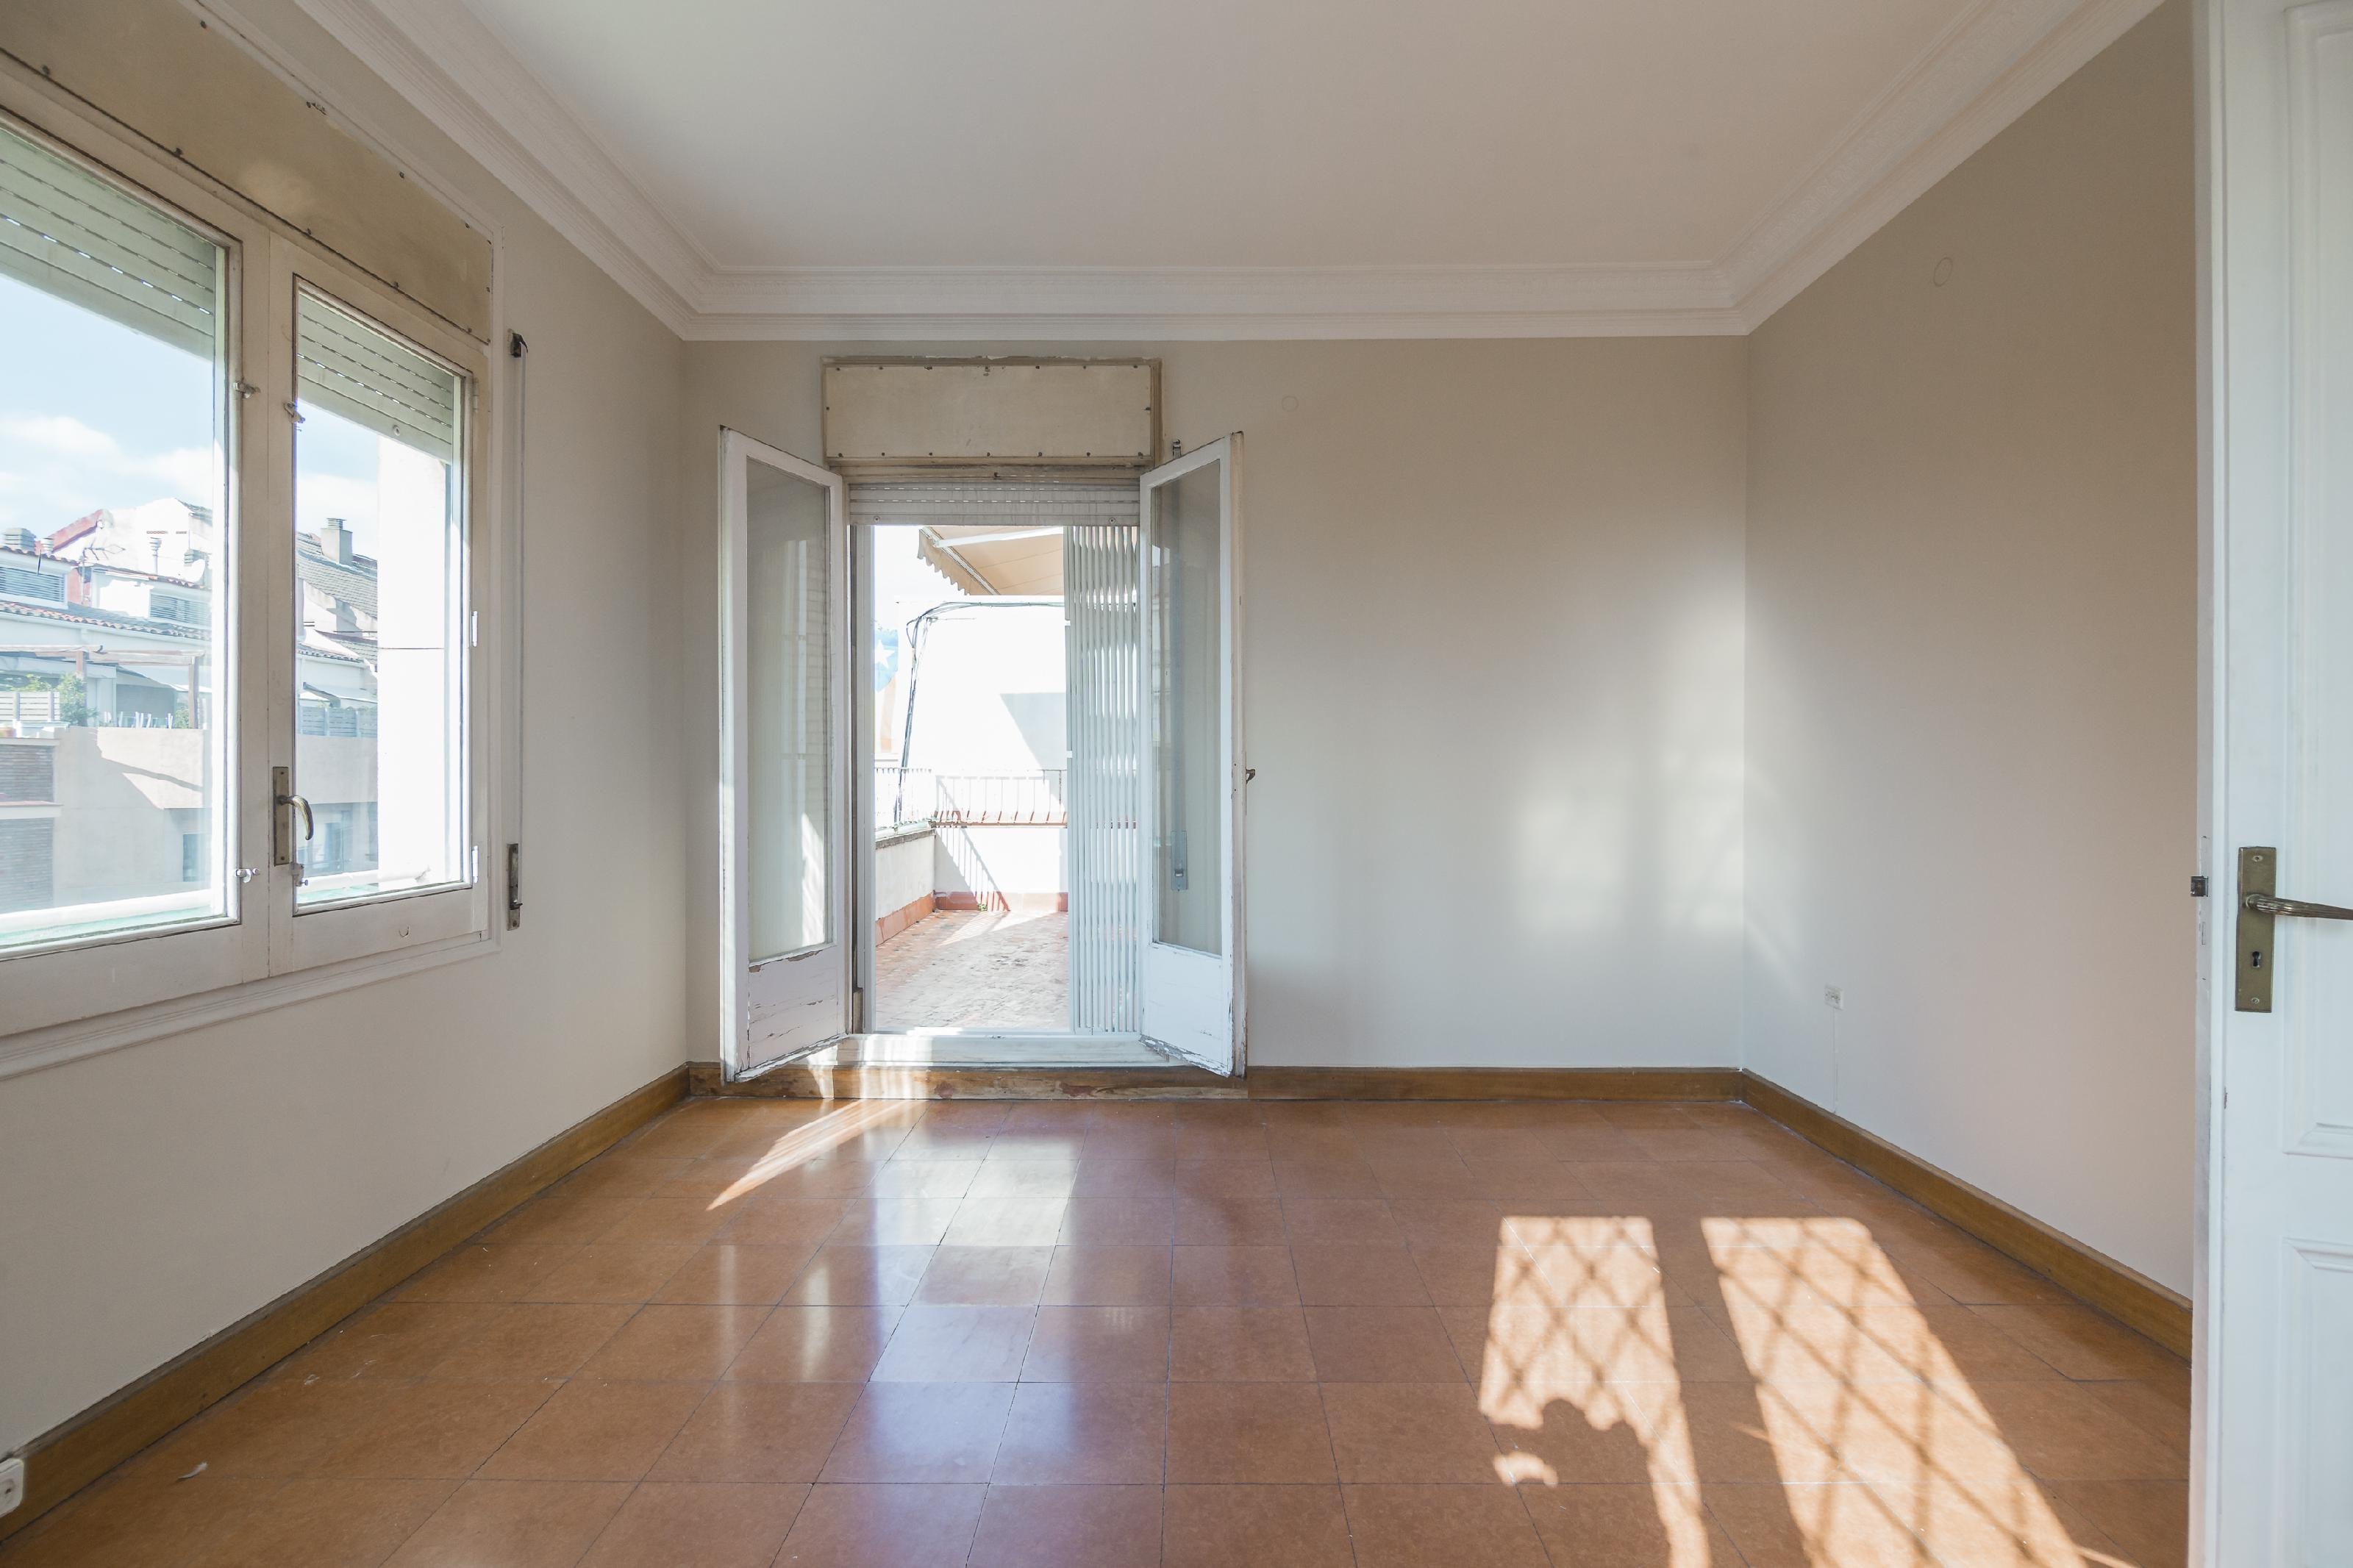 246643 Ático en venda en Sarrià-Sant Gervasi, St. Gervasi-Bonanova 24